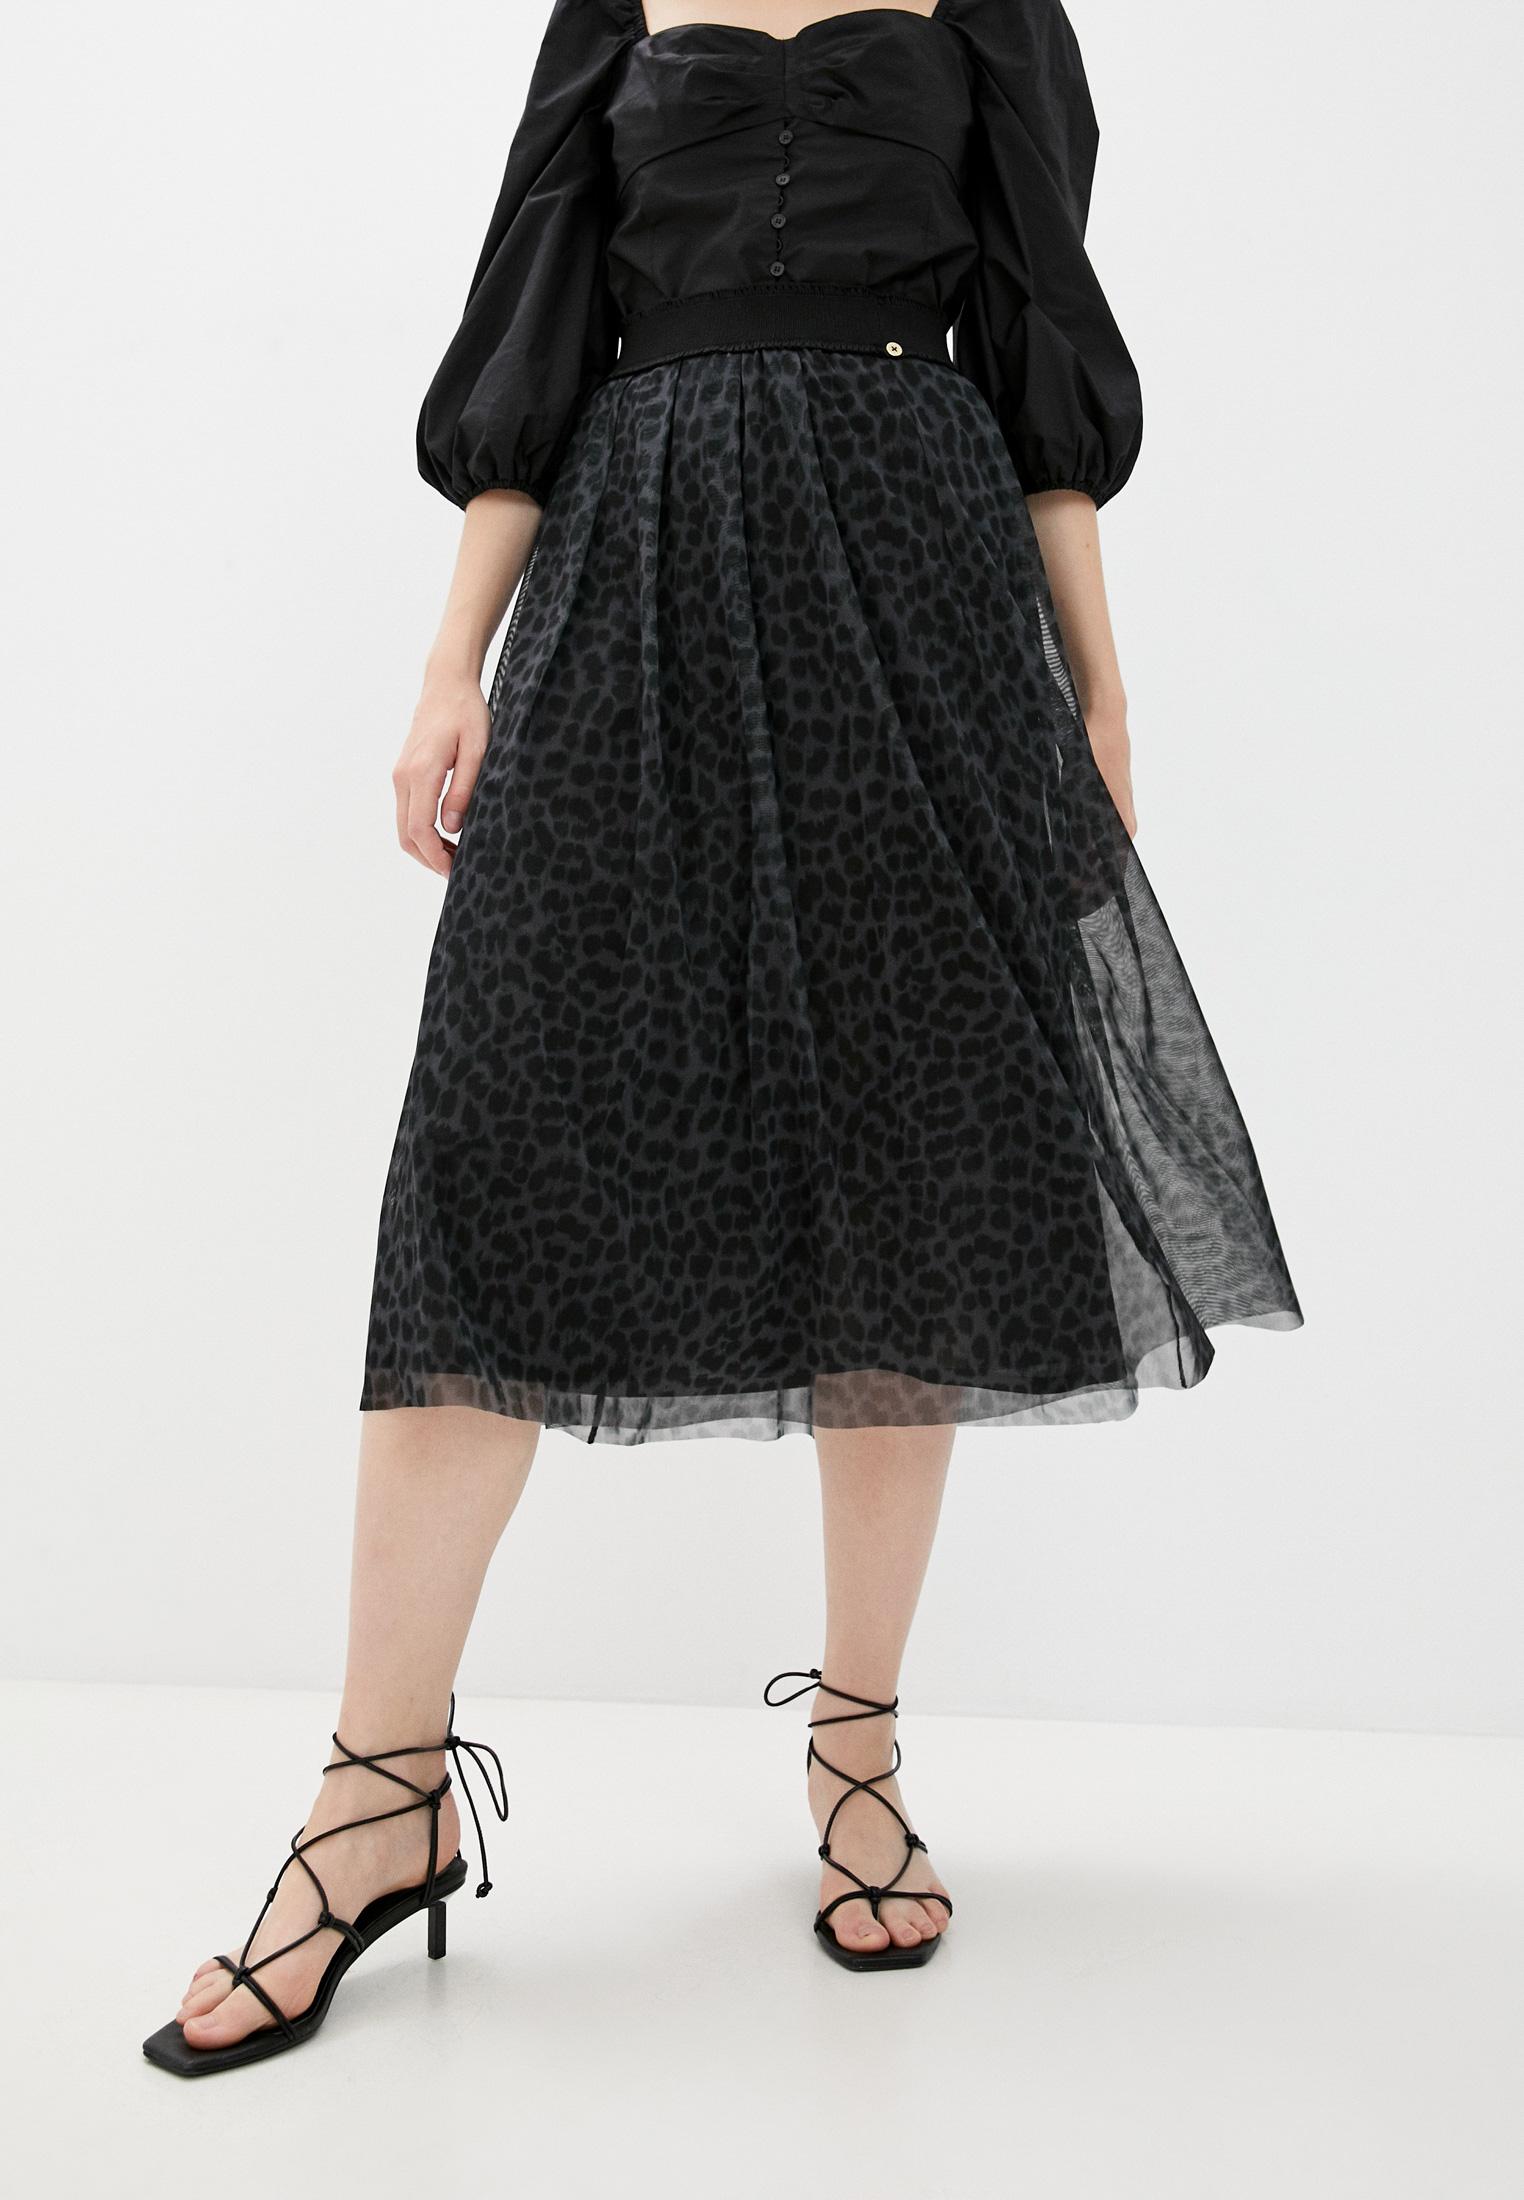 Широкая юбка Pennyblack (Пенни Блэк) Юбка Pennyblack